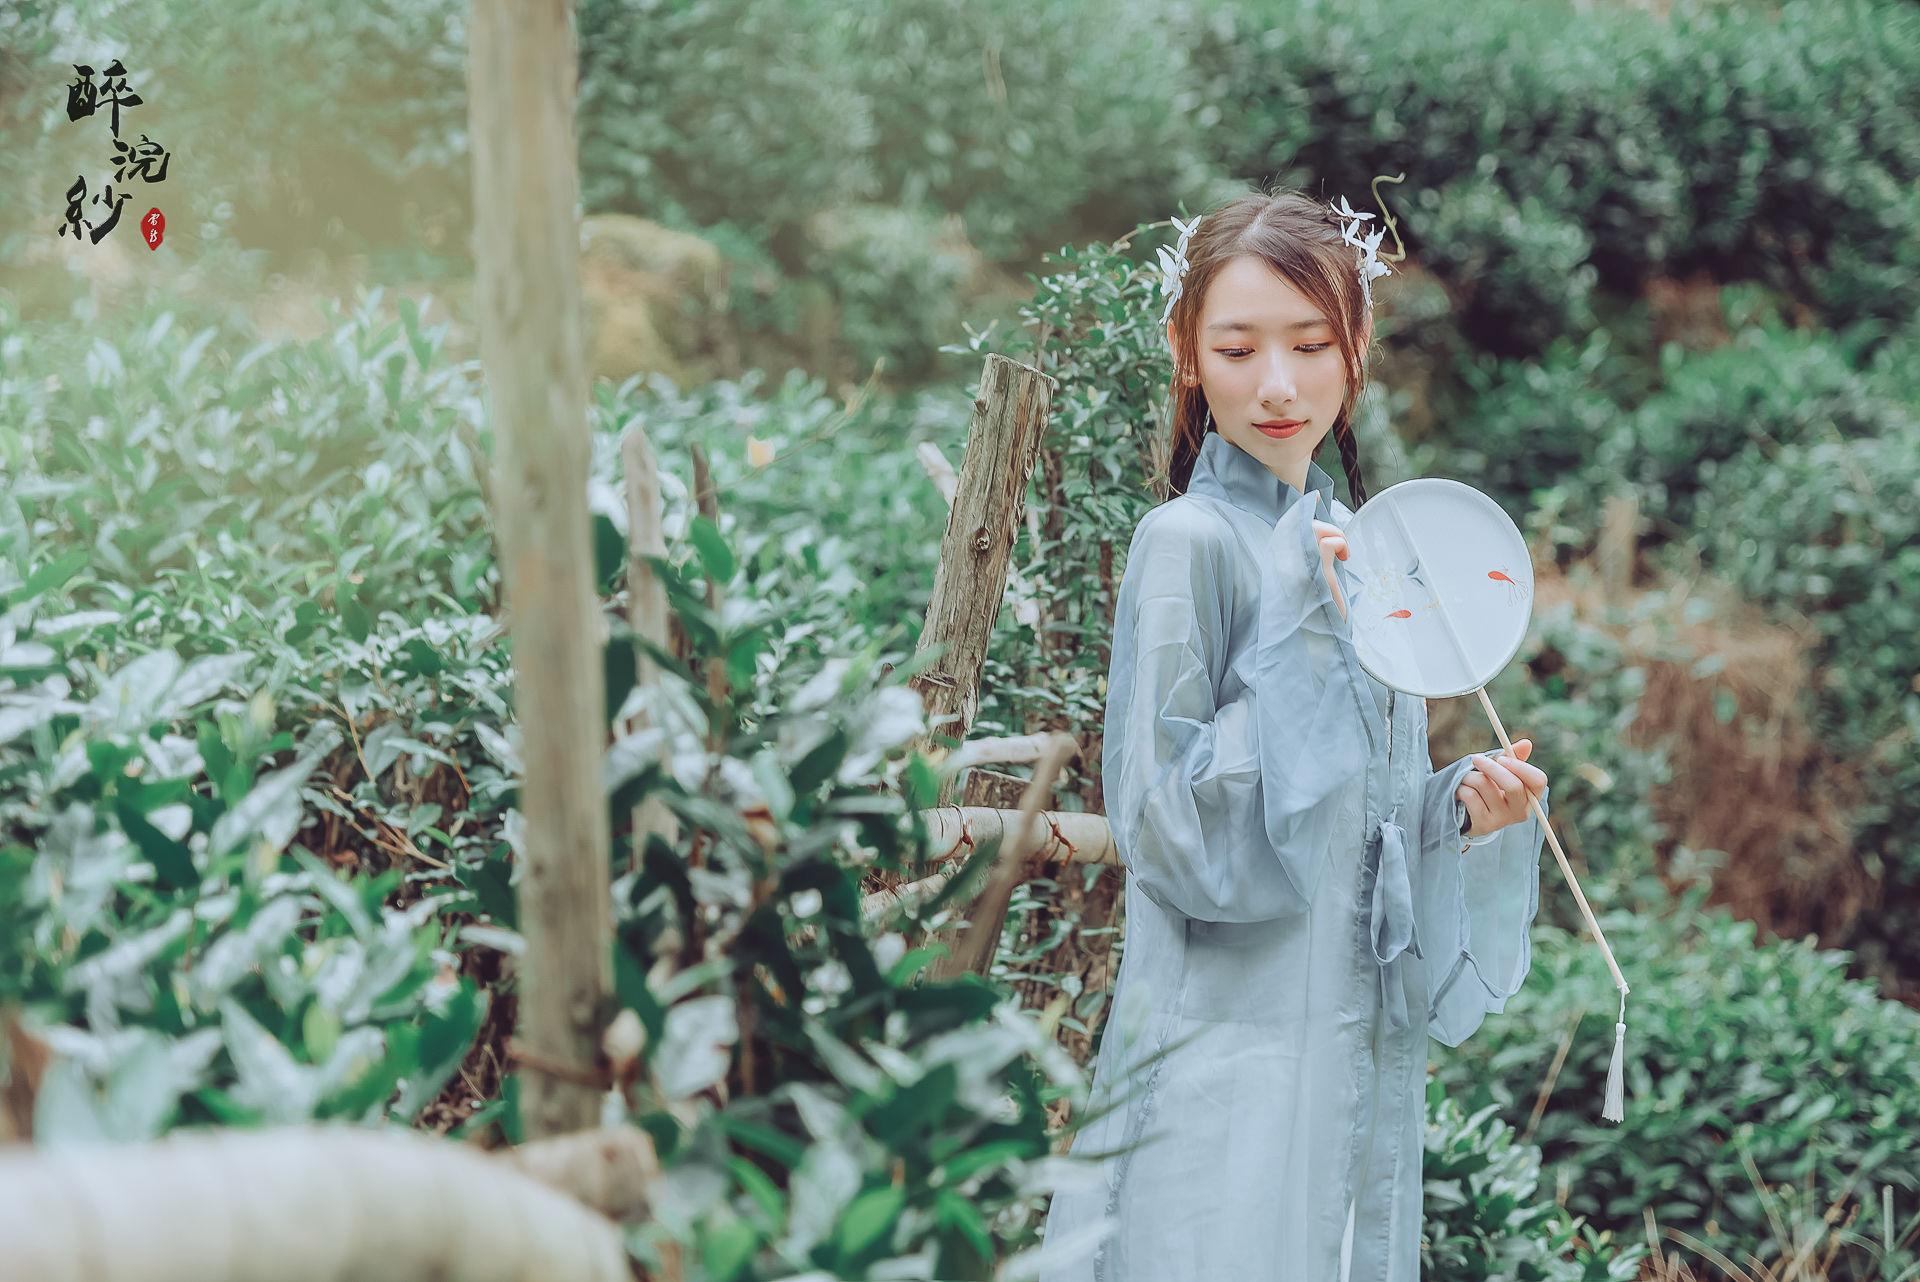 2018-08-04 杭州九溪旅拍_摄影师Sly的返片